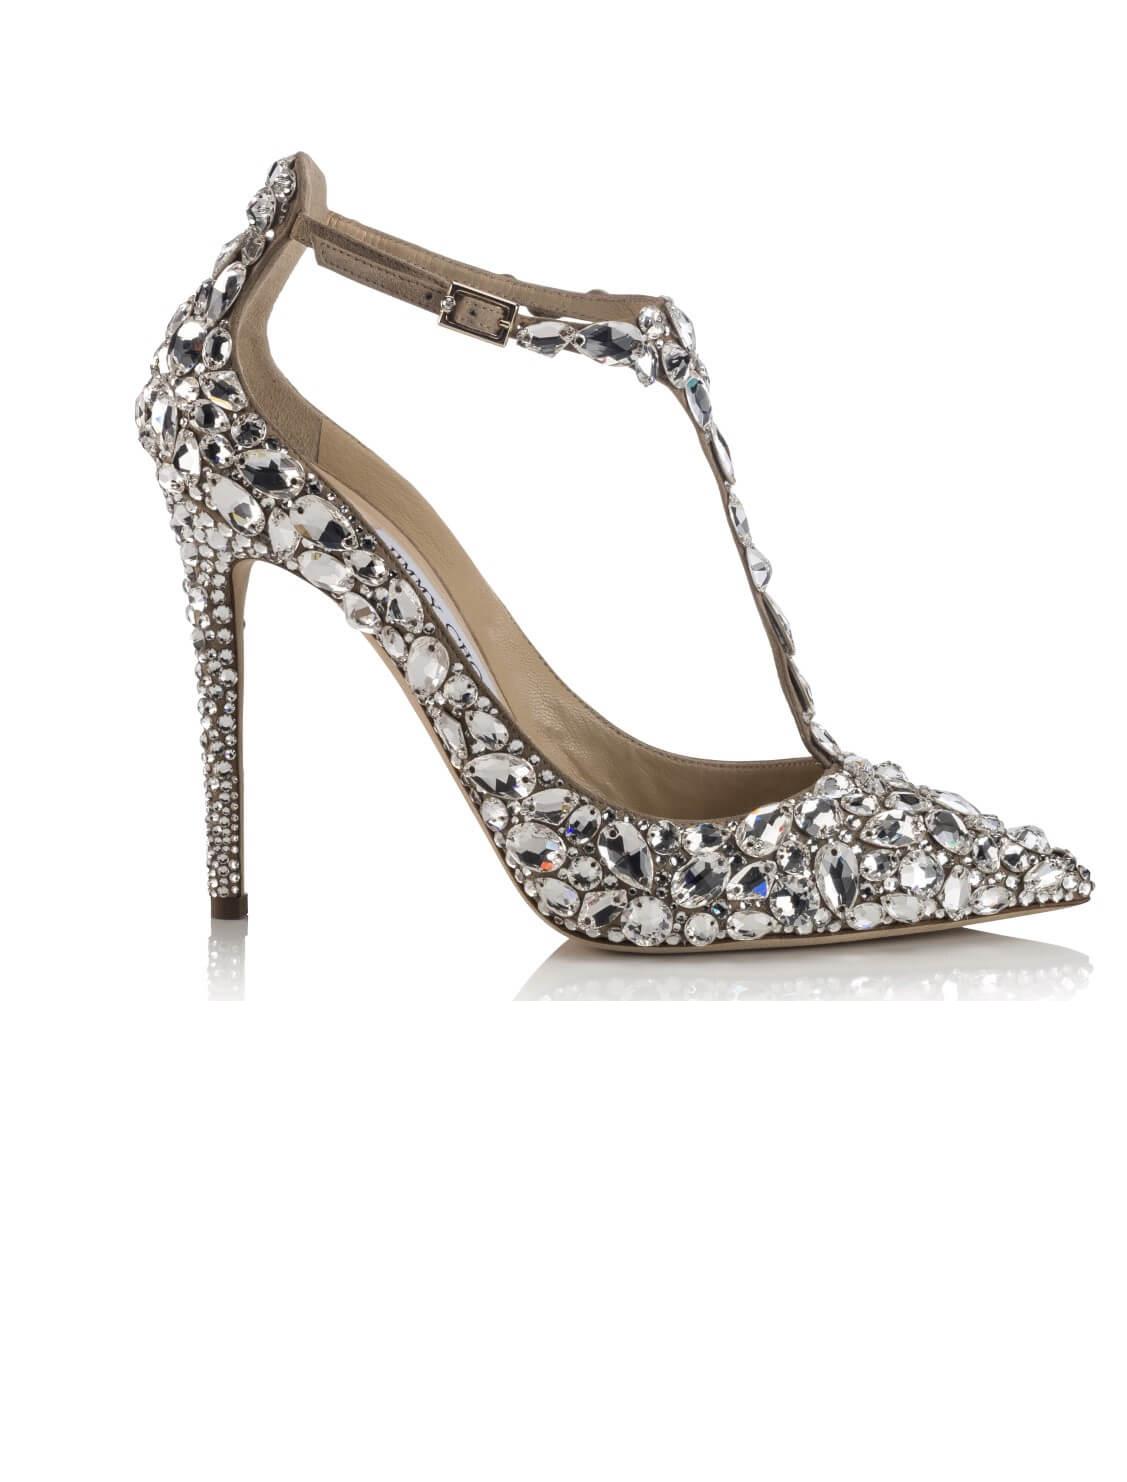 還在尋找你心中,仙杜瑞拉夢幻婚鞋嗎???